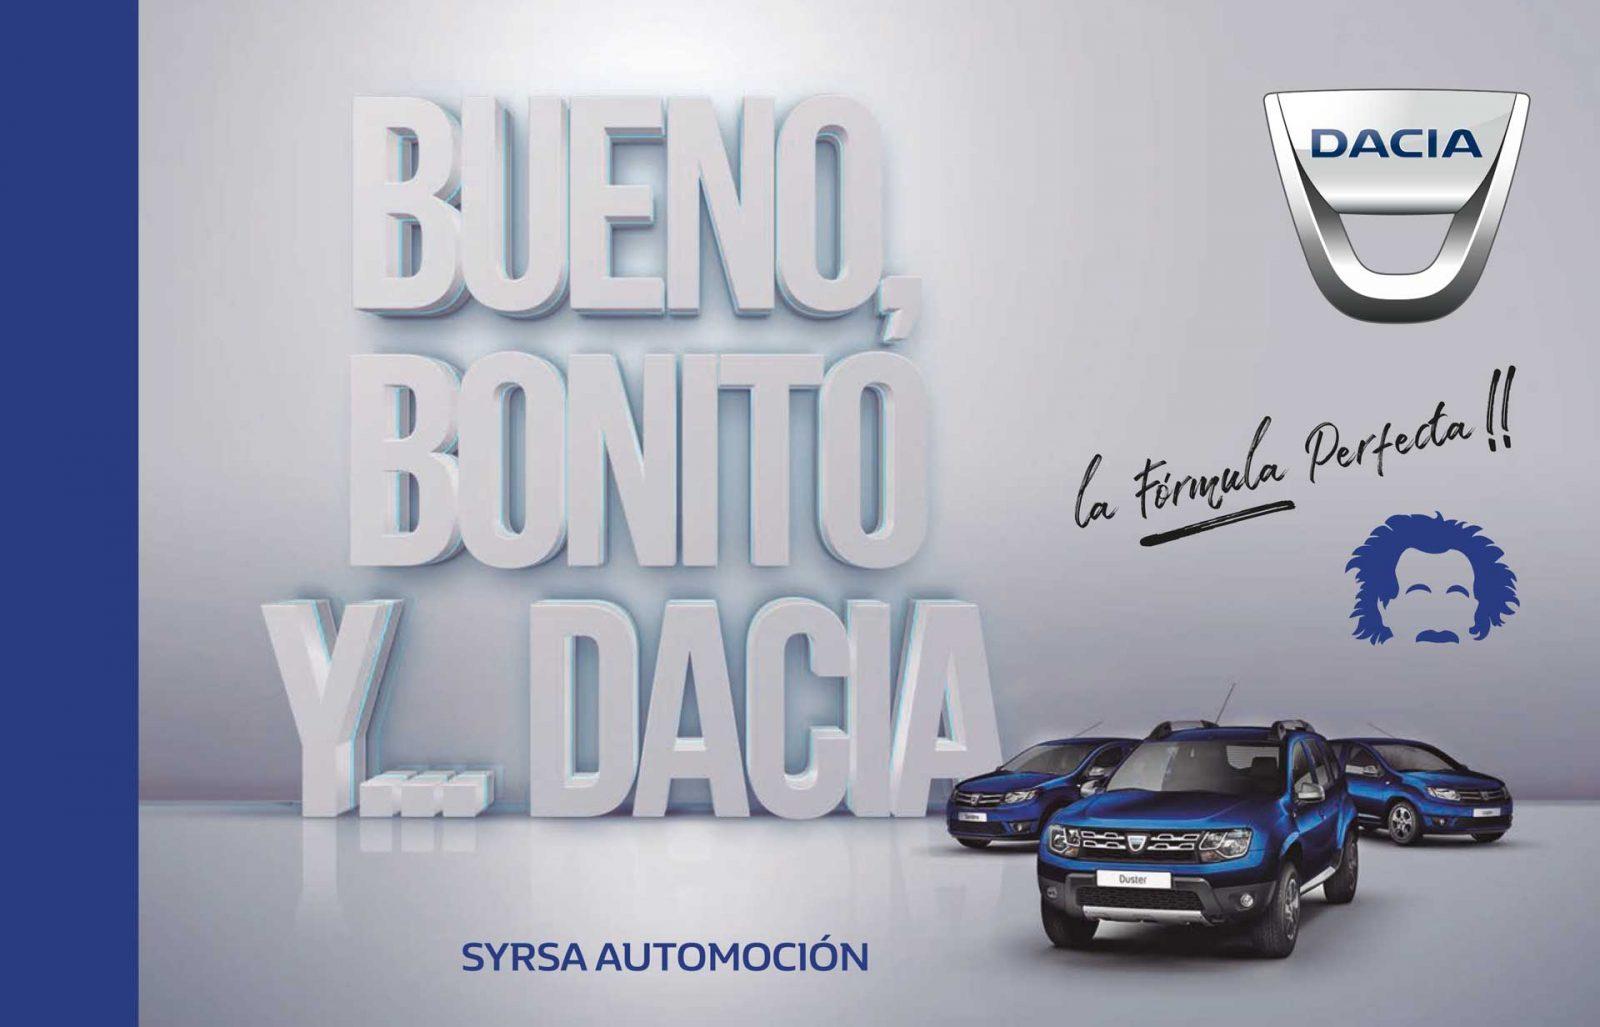 Eventos Dacia y Renault